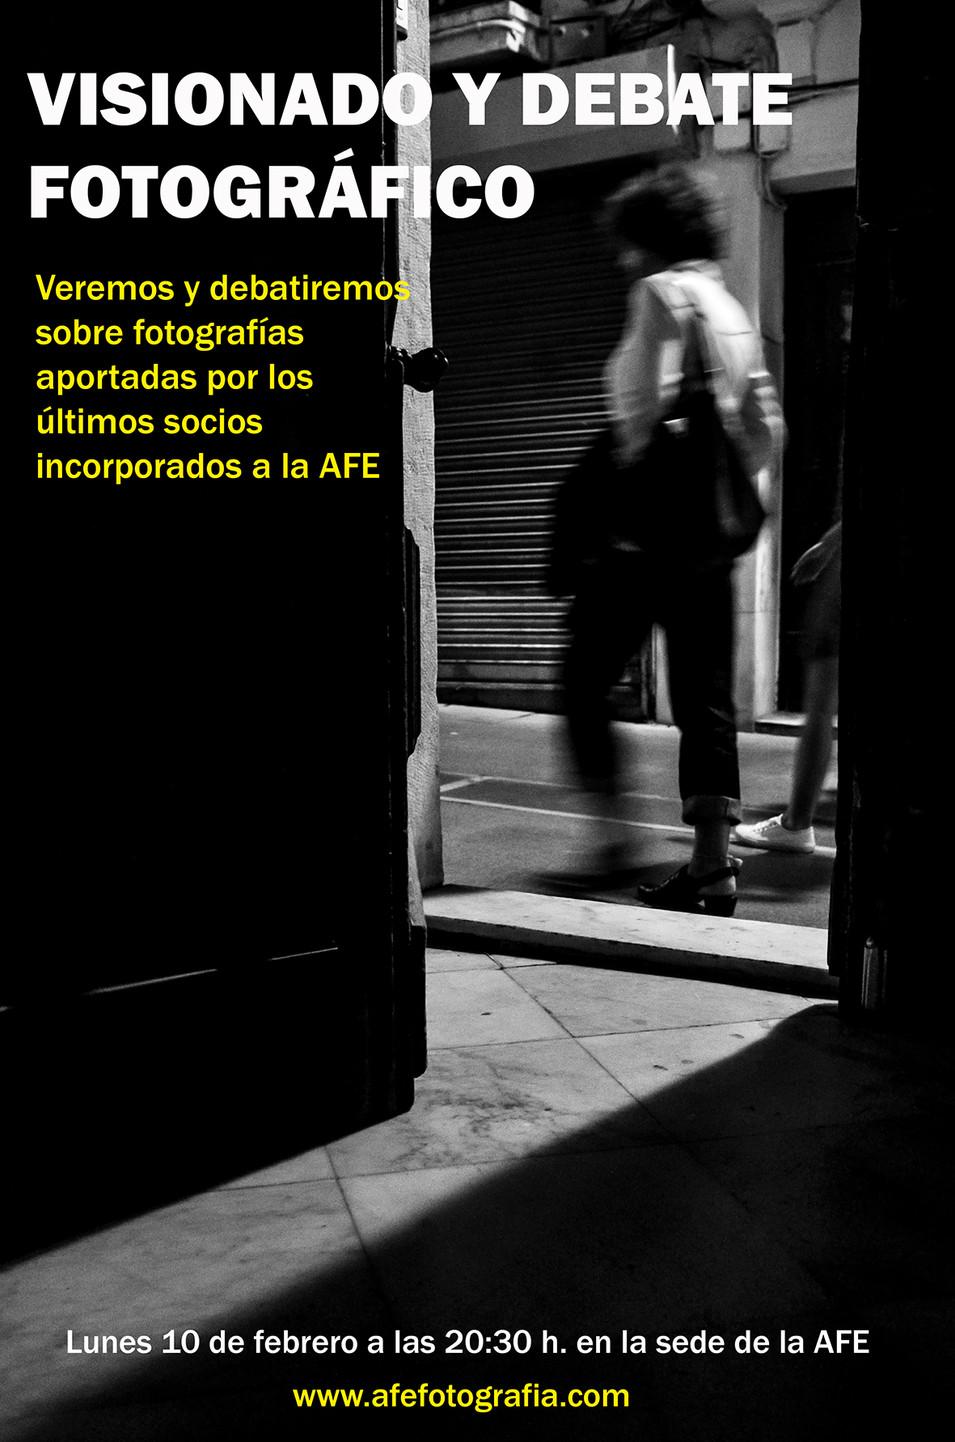 VISIONADO Y DEBATE FOTOGRÁFICO